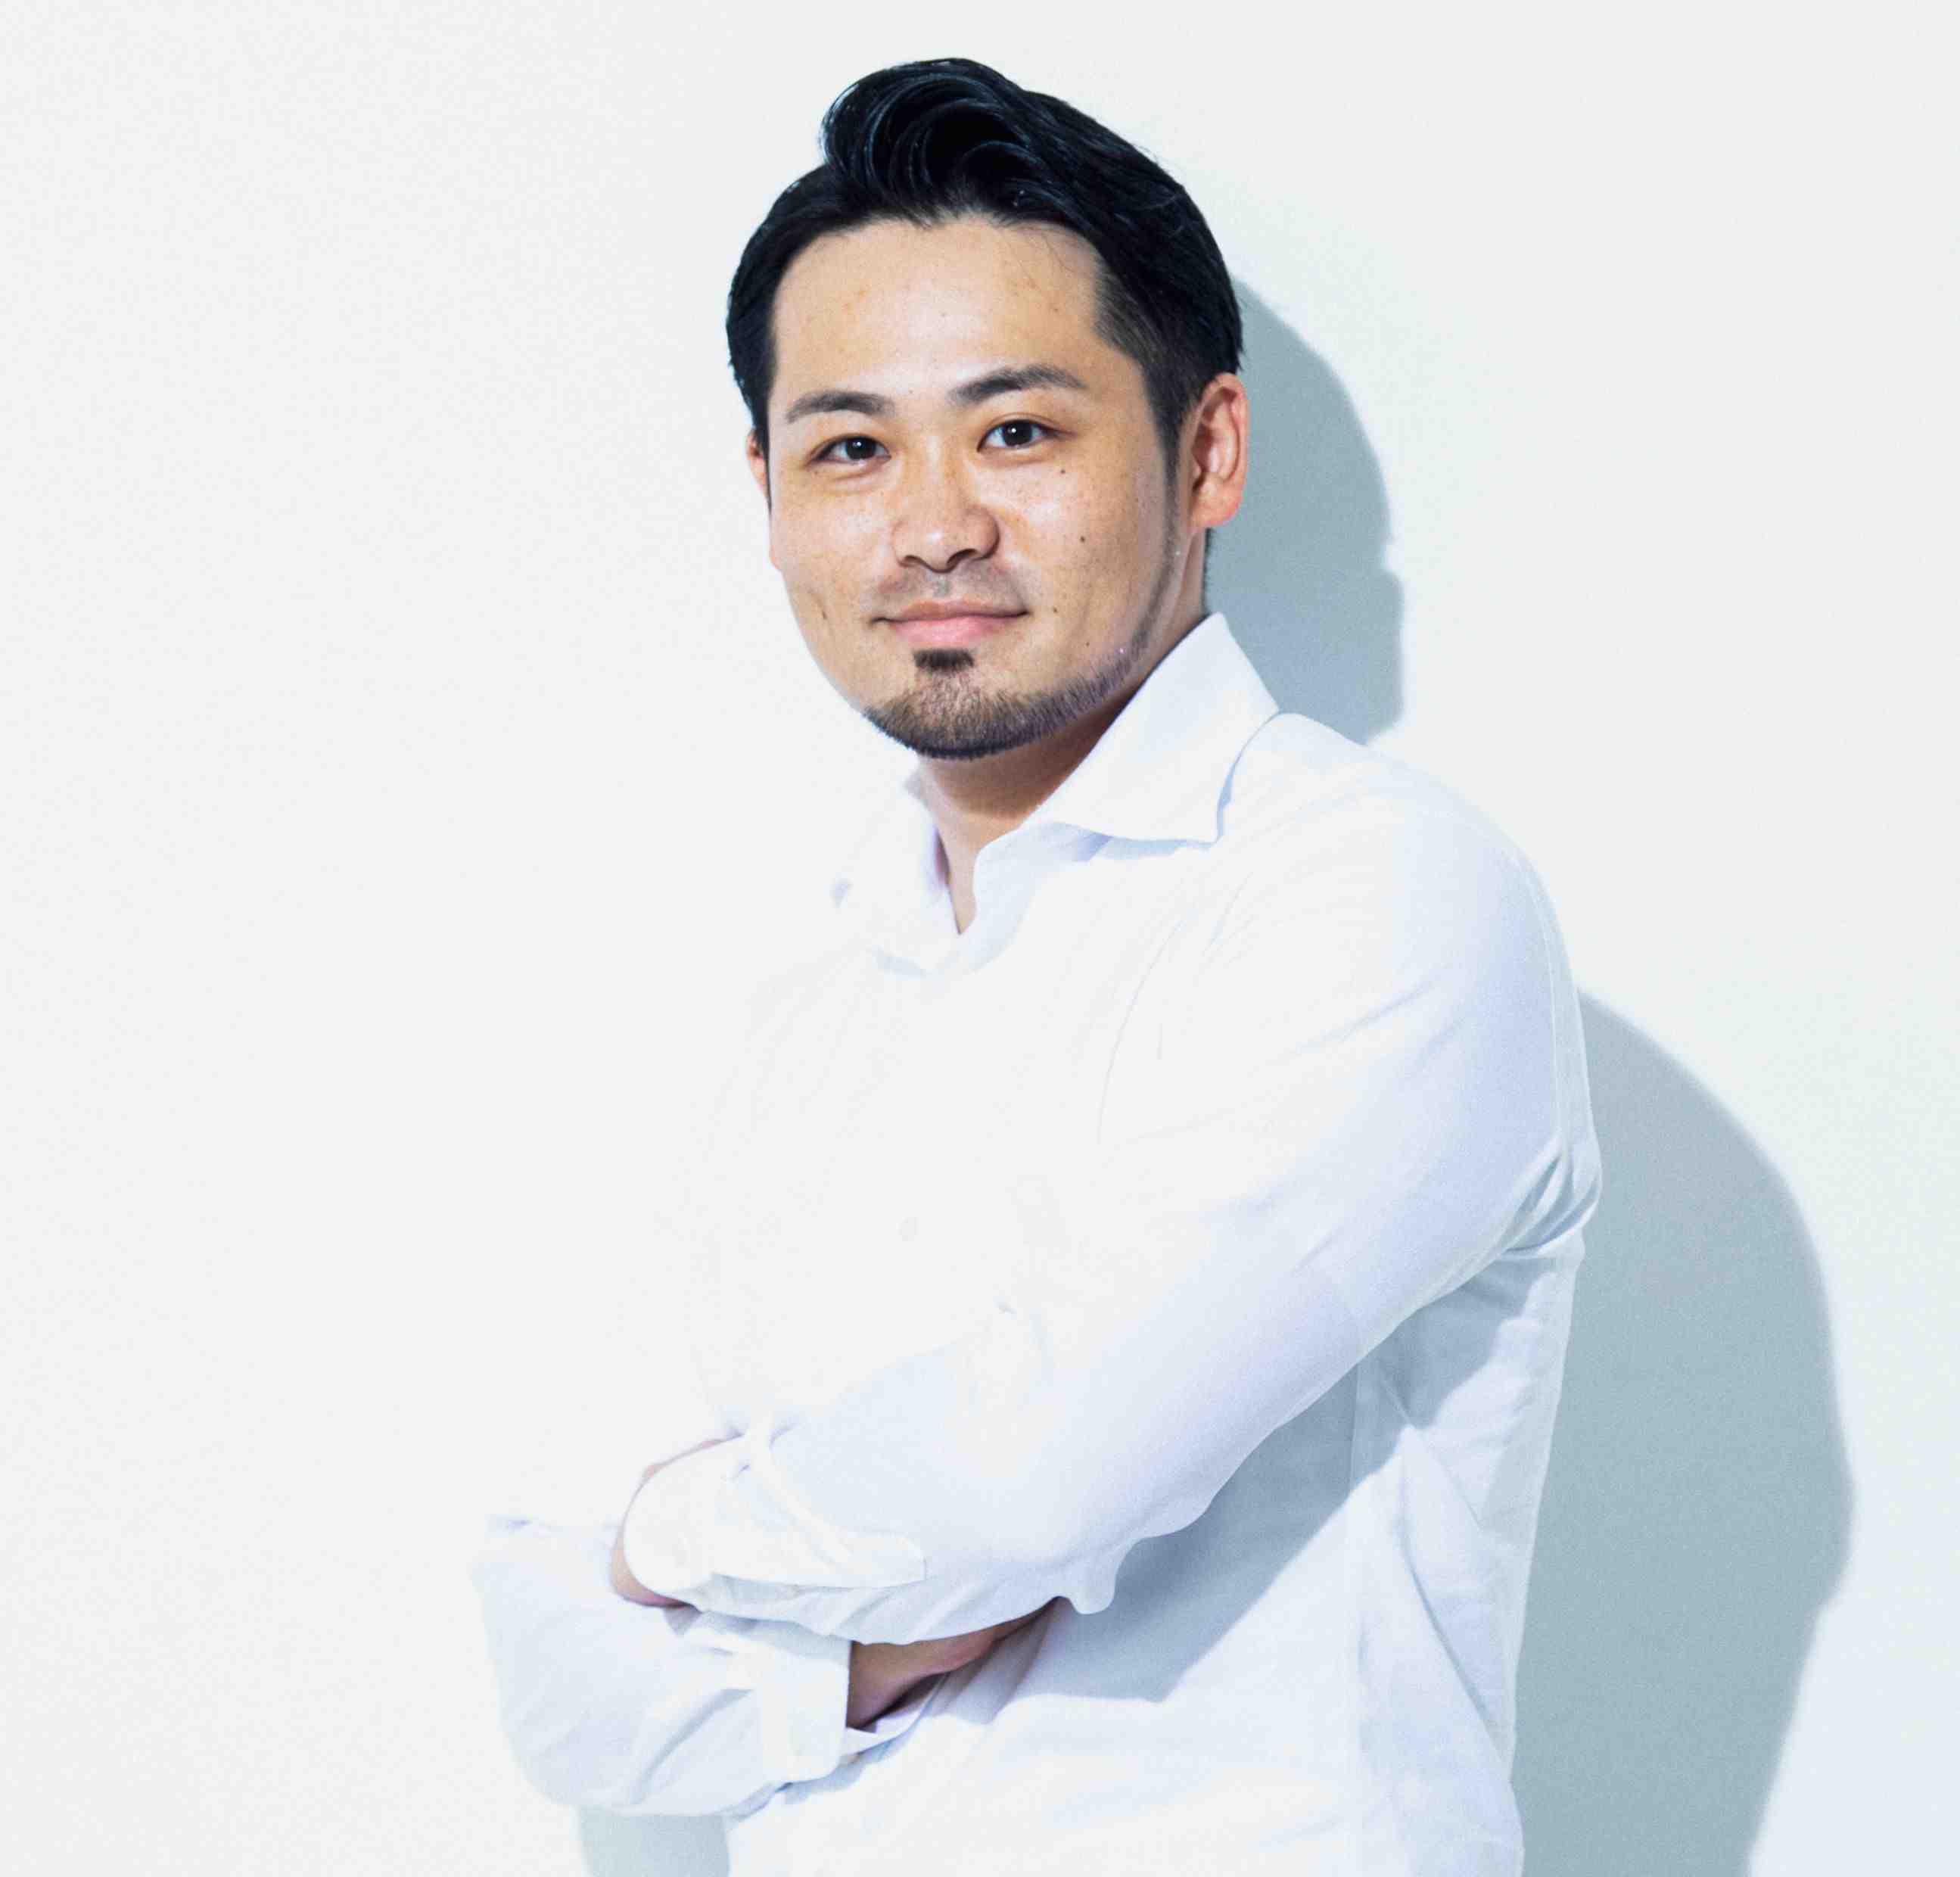 竹山旭  株式会社ノーブナイン  代表取締役社長兼CEO/ 歯科医師・歯学博士。